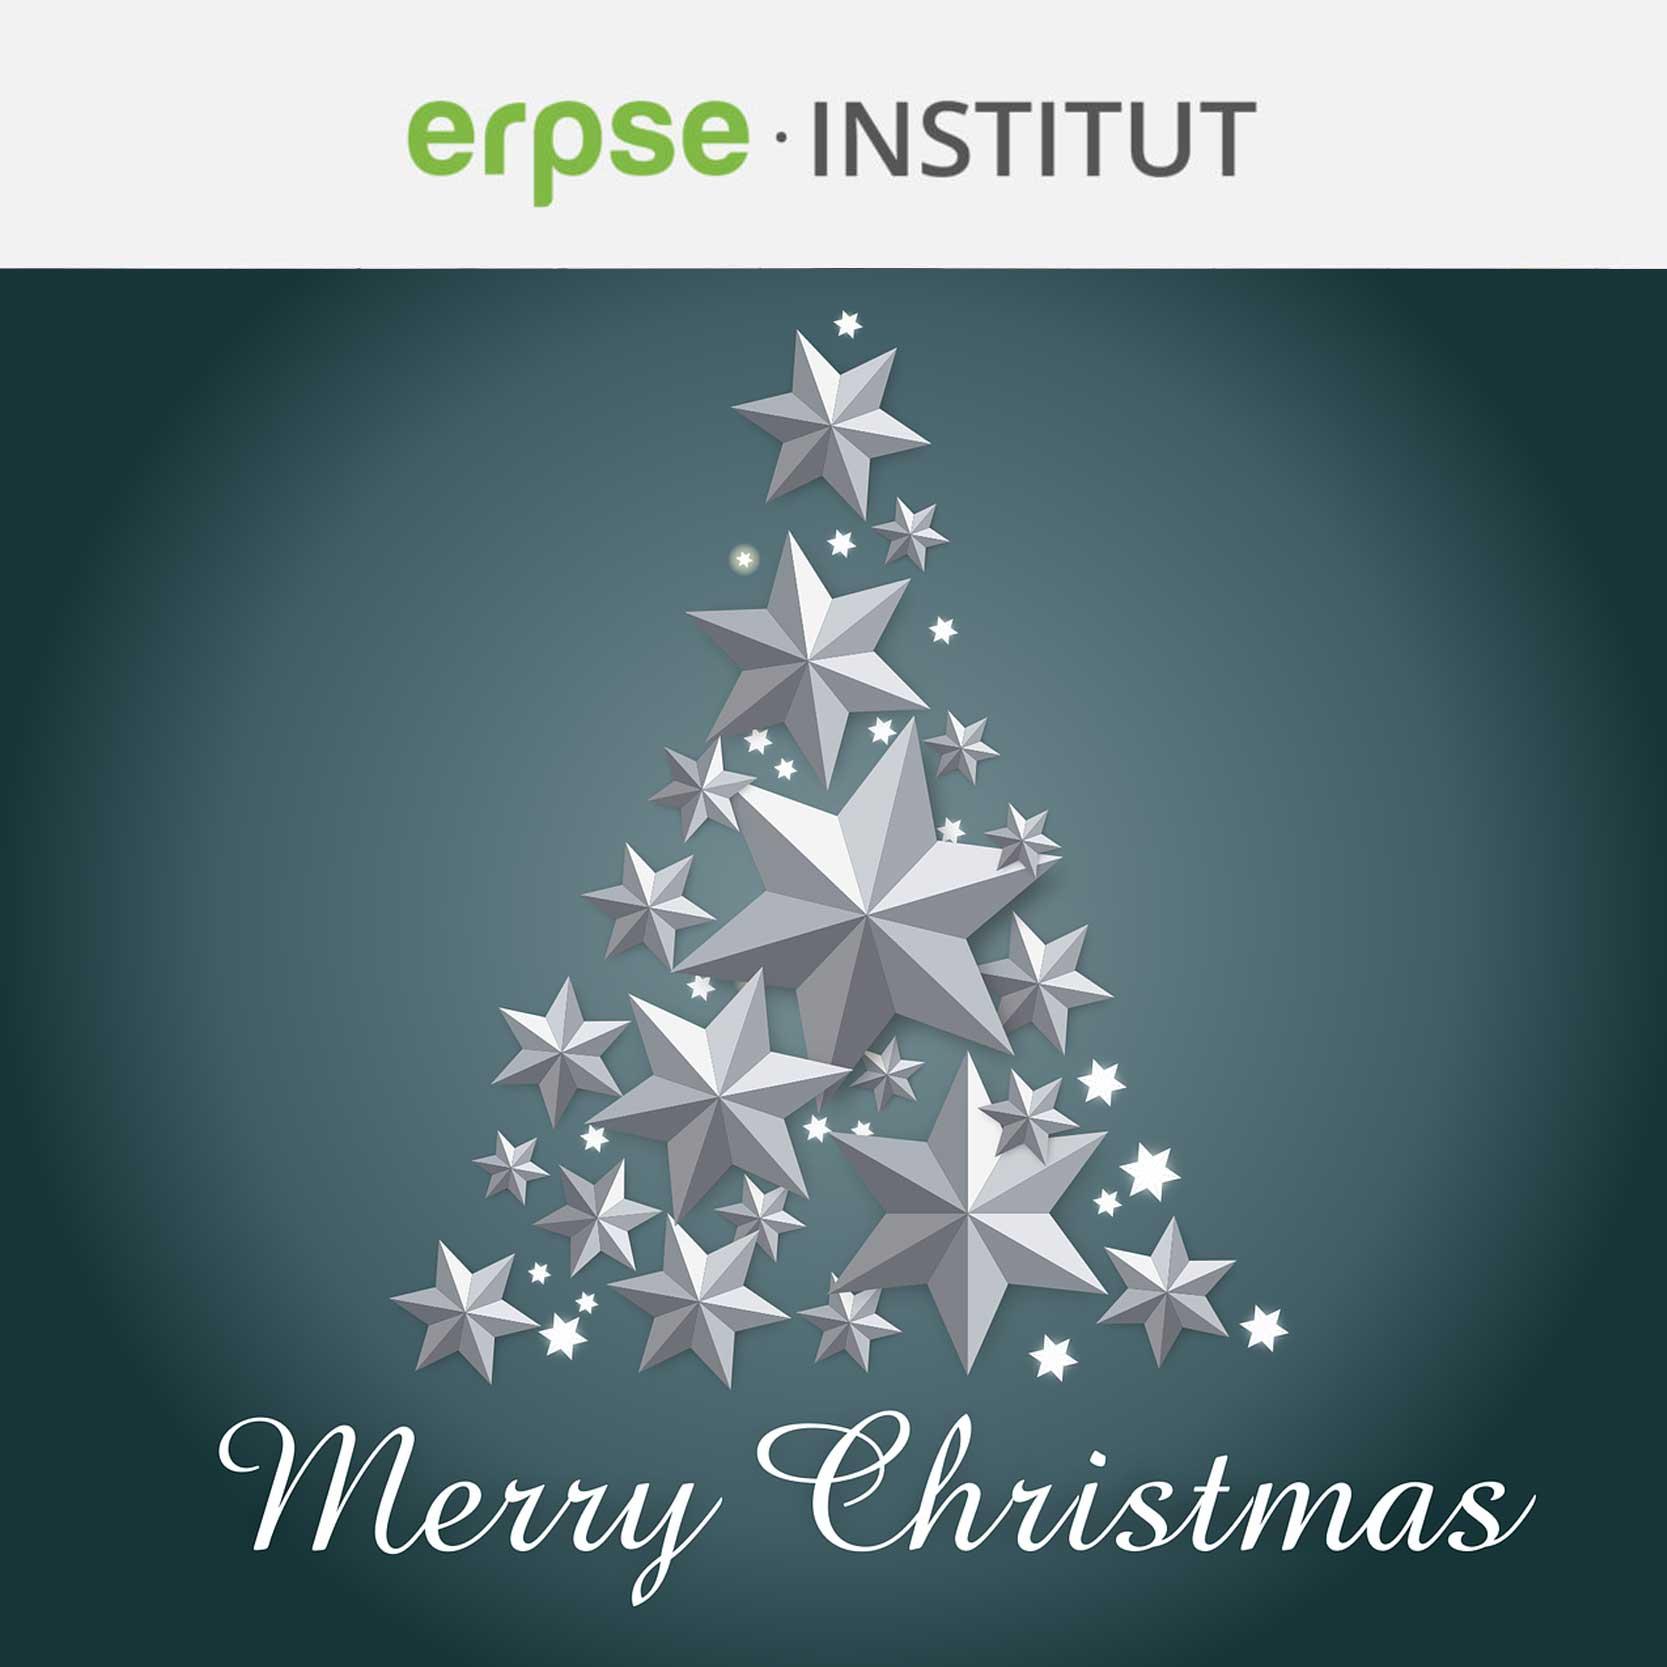 erpse-Blog-Postbild_Weihnachten-2019